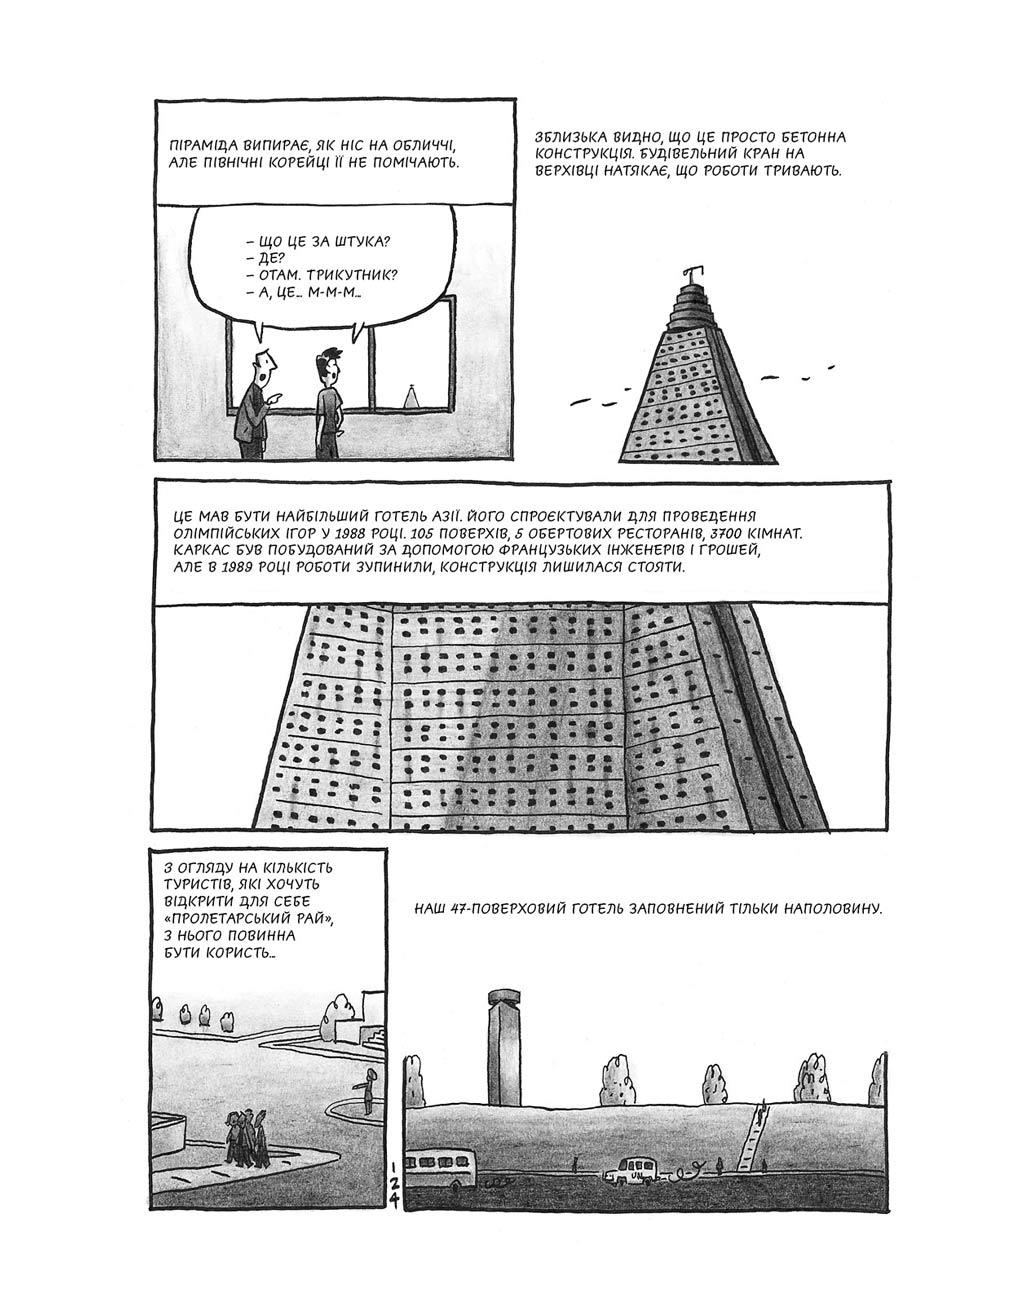 comics review phenjan book 130 - <b>Самые интересные комиксы 2020-го.</b> Первый обзор графических новелл на Забороне - Заборона